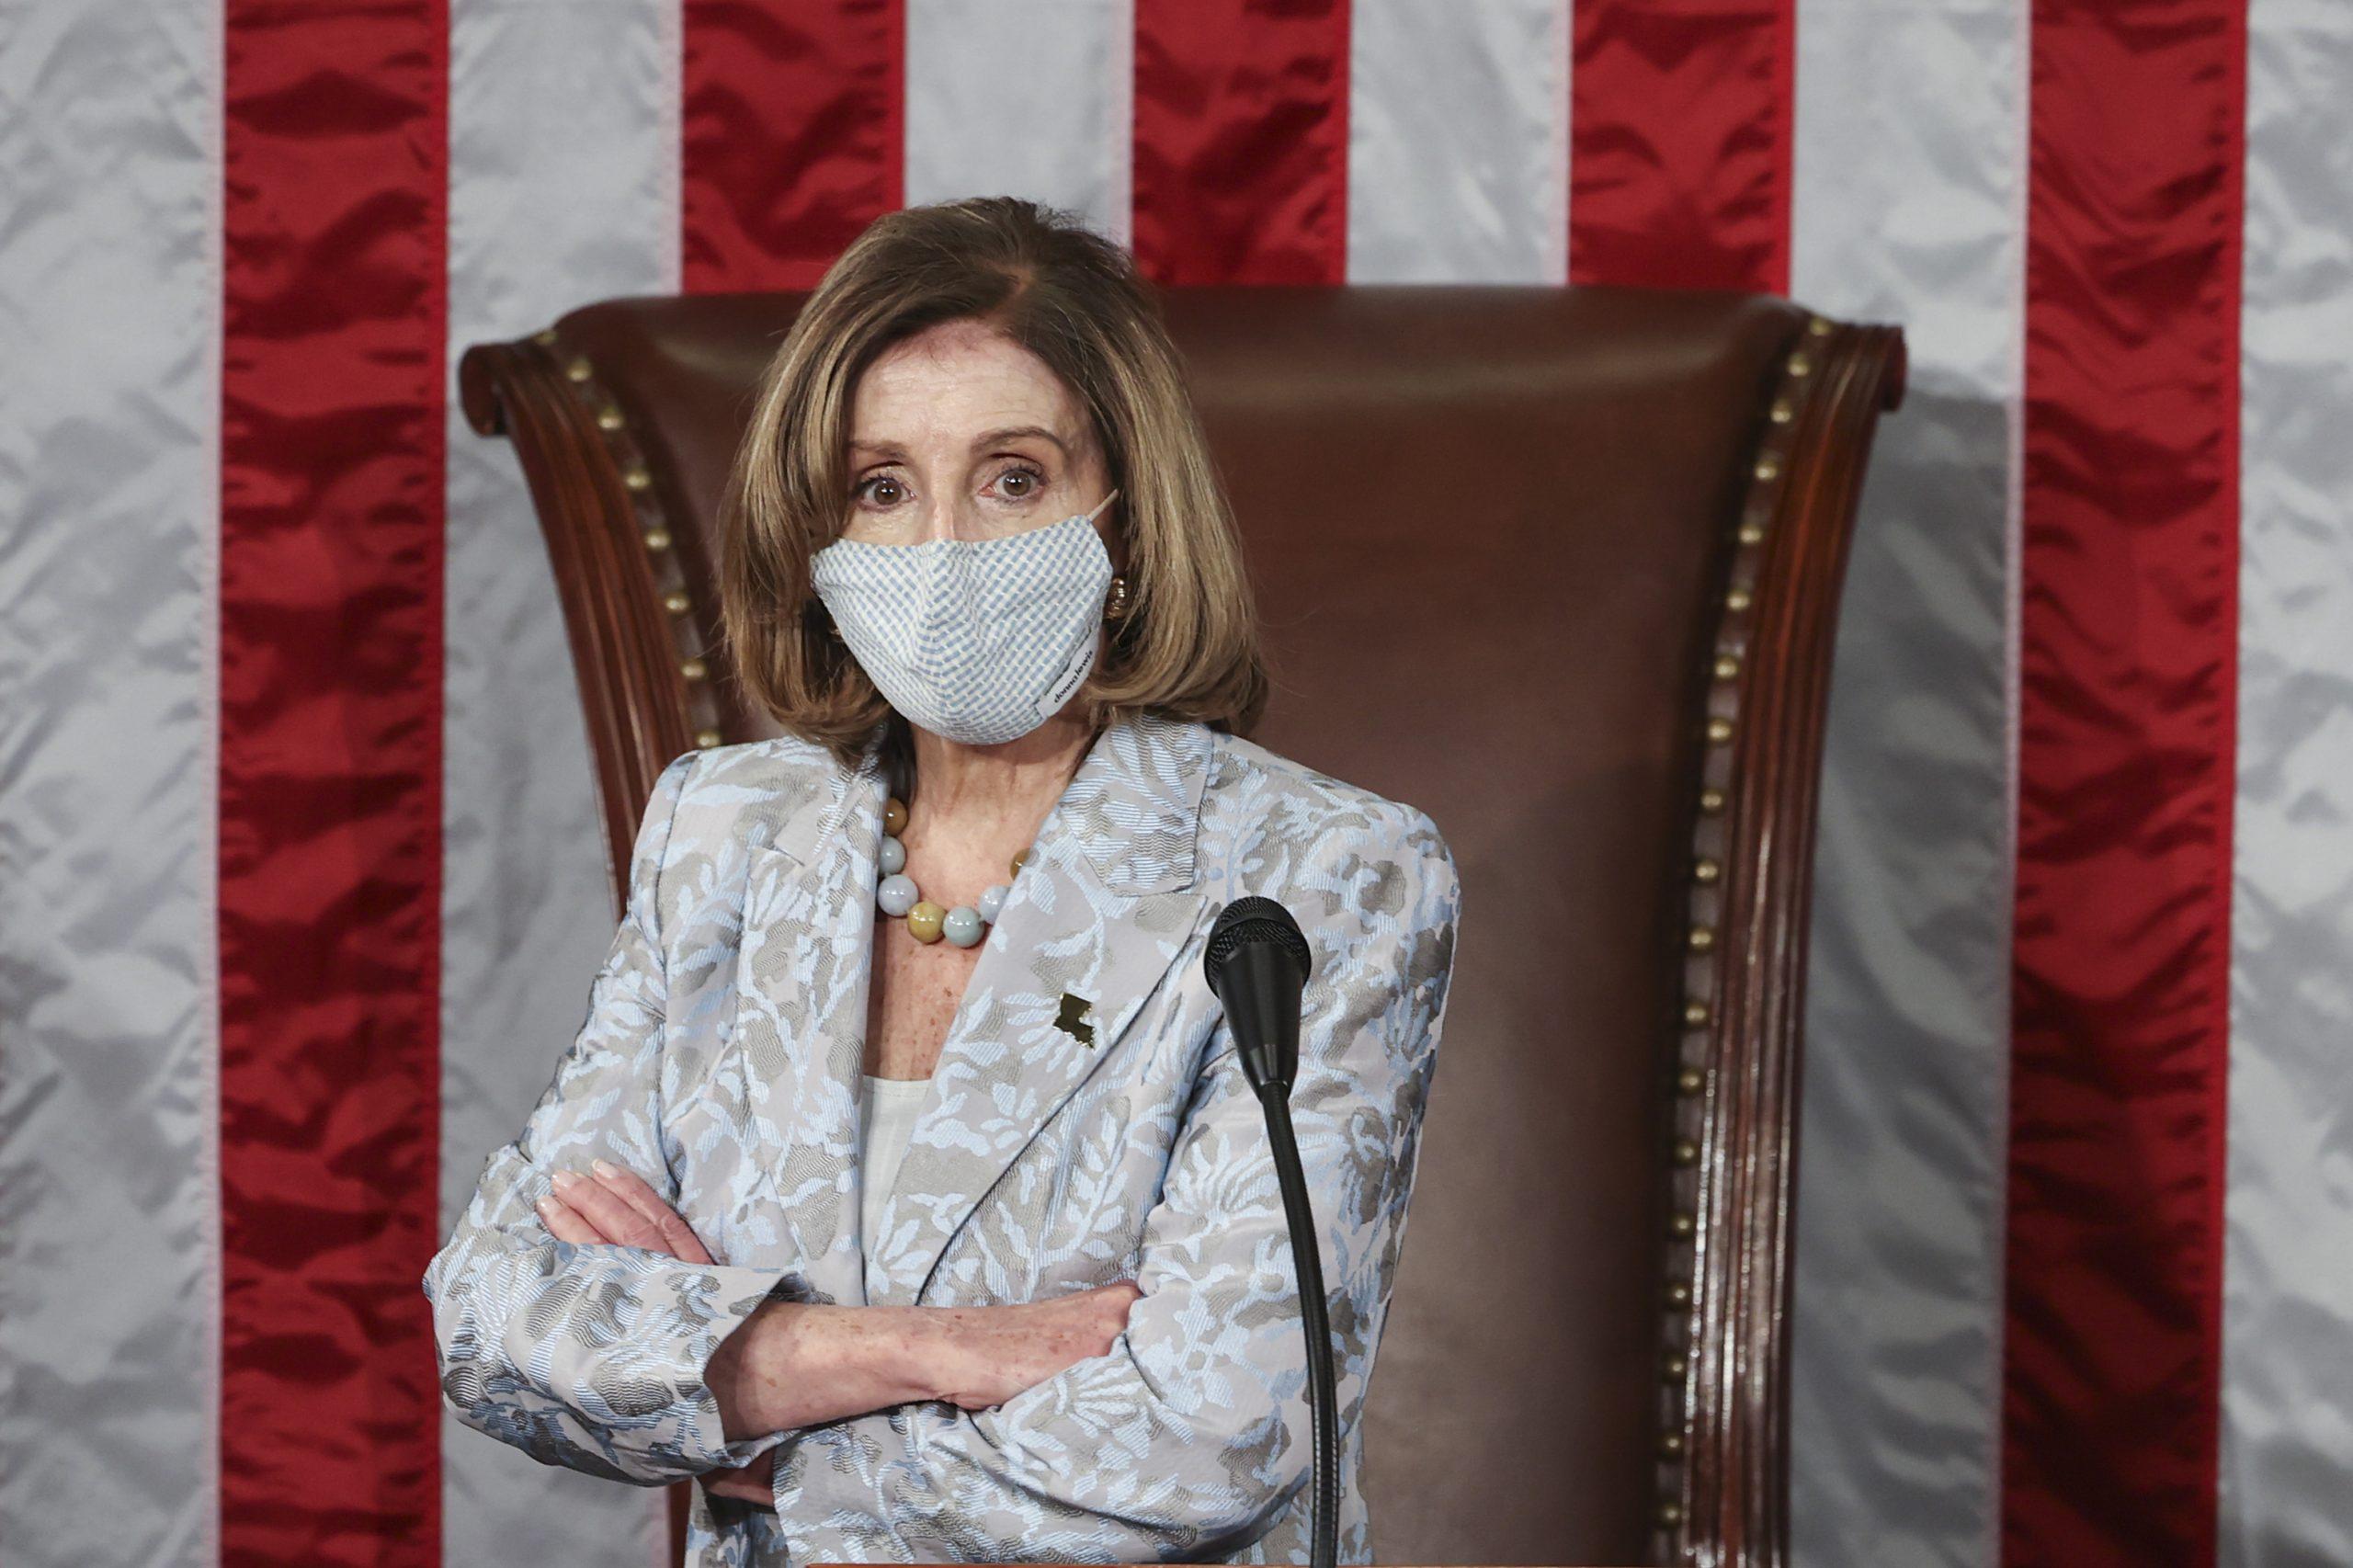 US-Repräsentantenhaus kündigt neues Regelpaket an – Begriffe wie Vater, Mutter, Sohn und Tochter sollen wegfallen